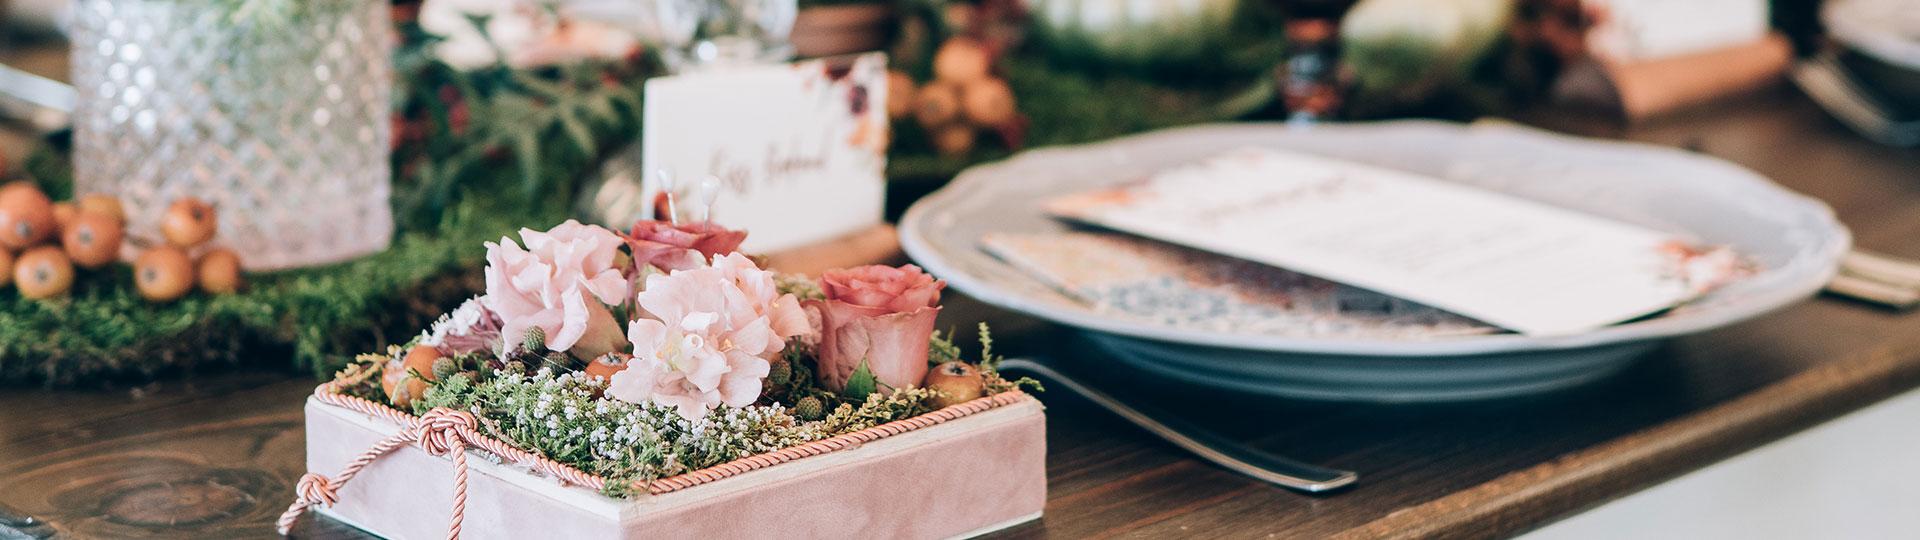 Wedding Cake in Hotel, Cincinnati